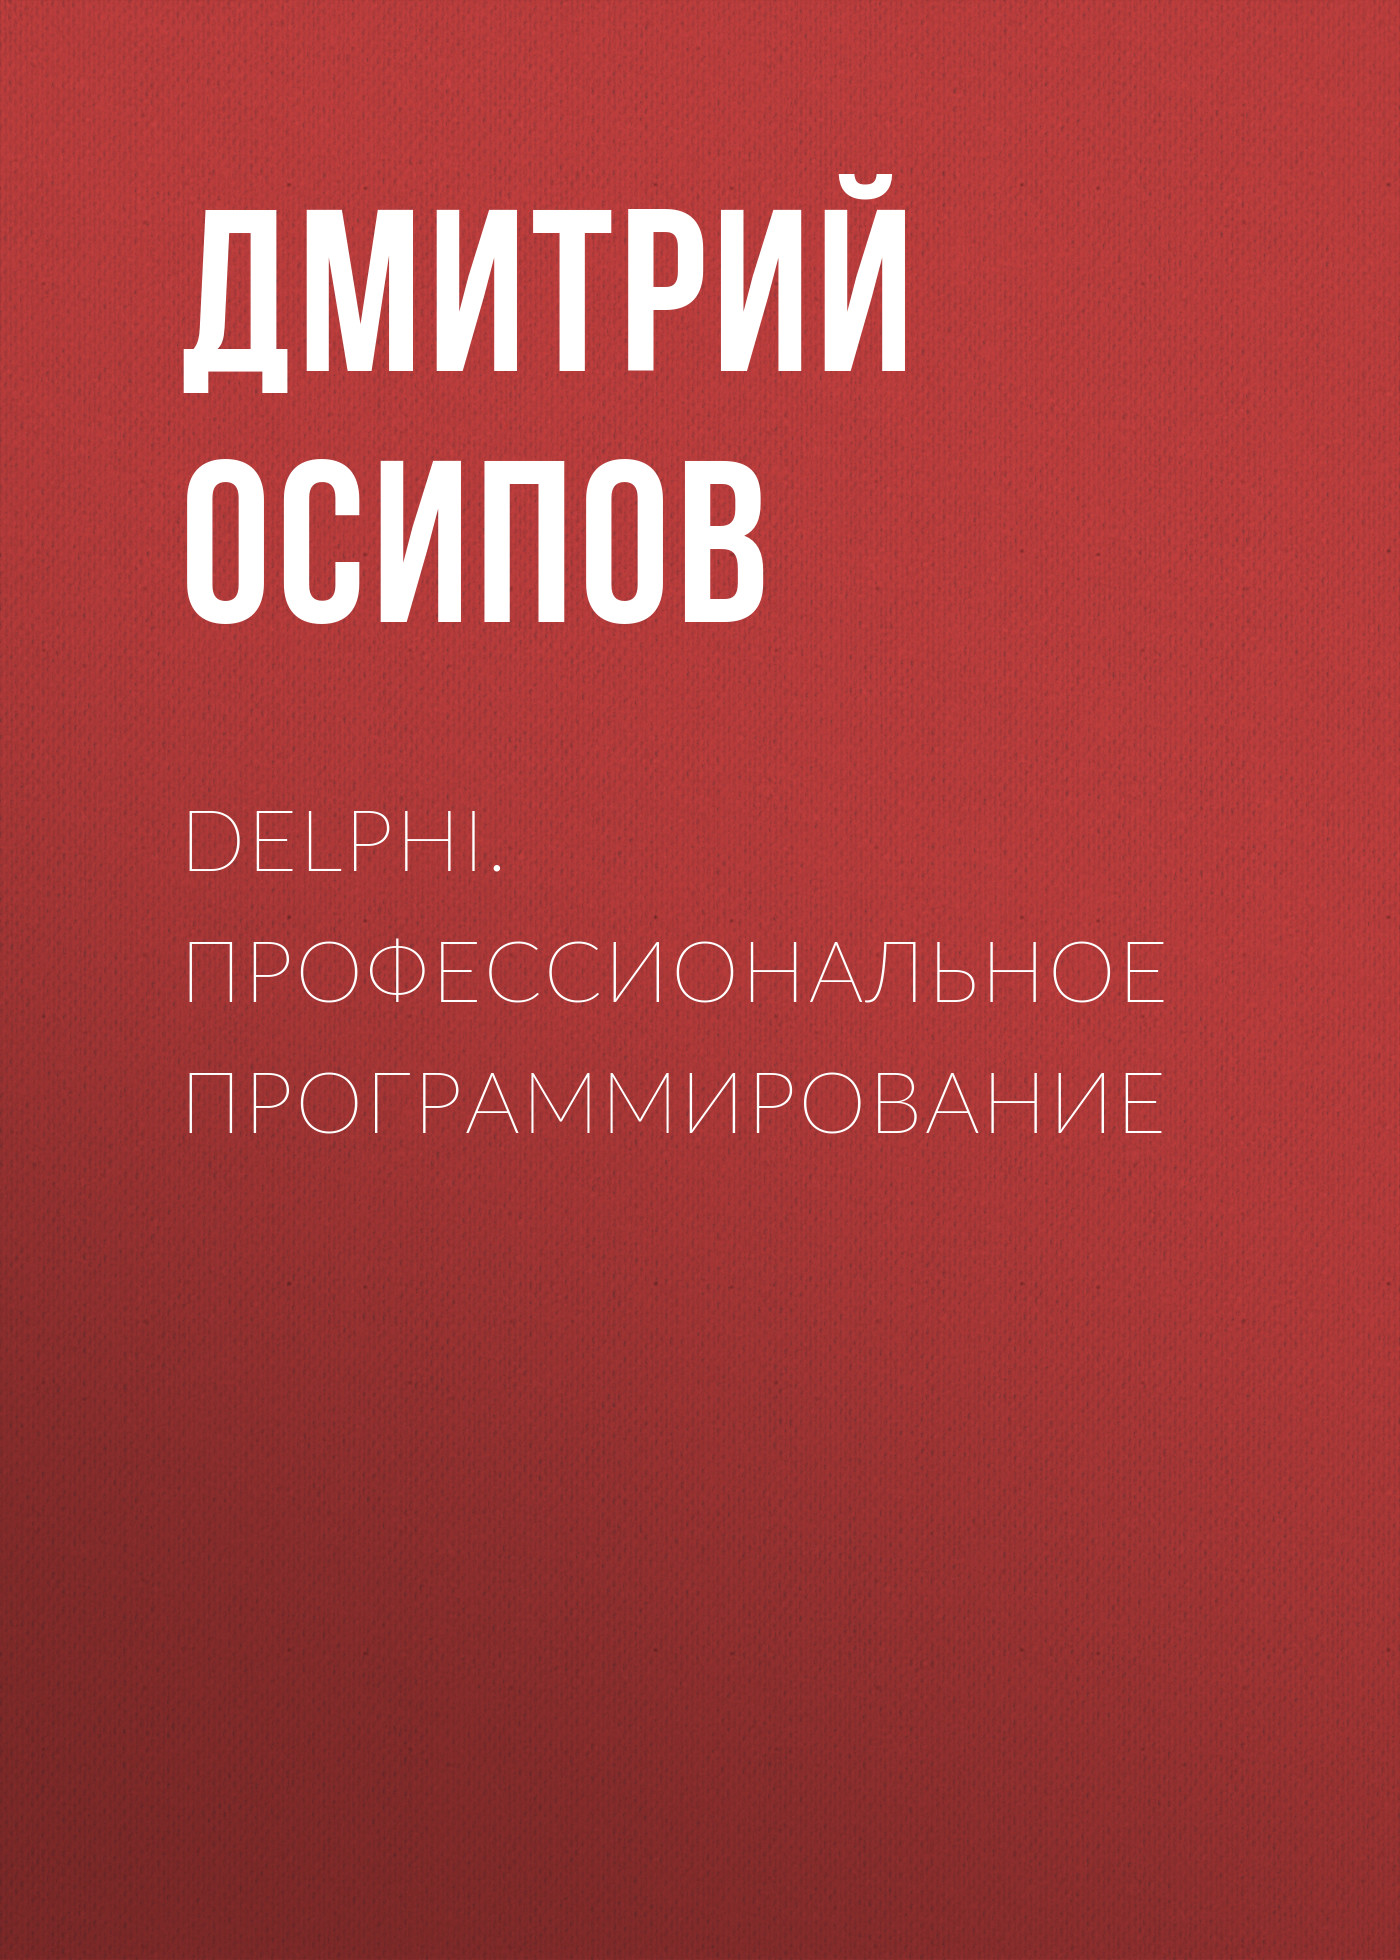 Delphi.Профессиональное программирование